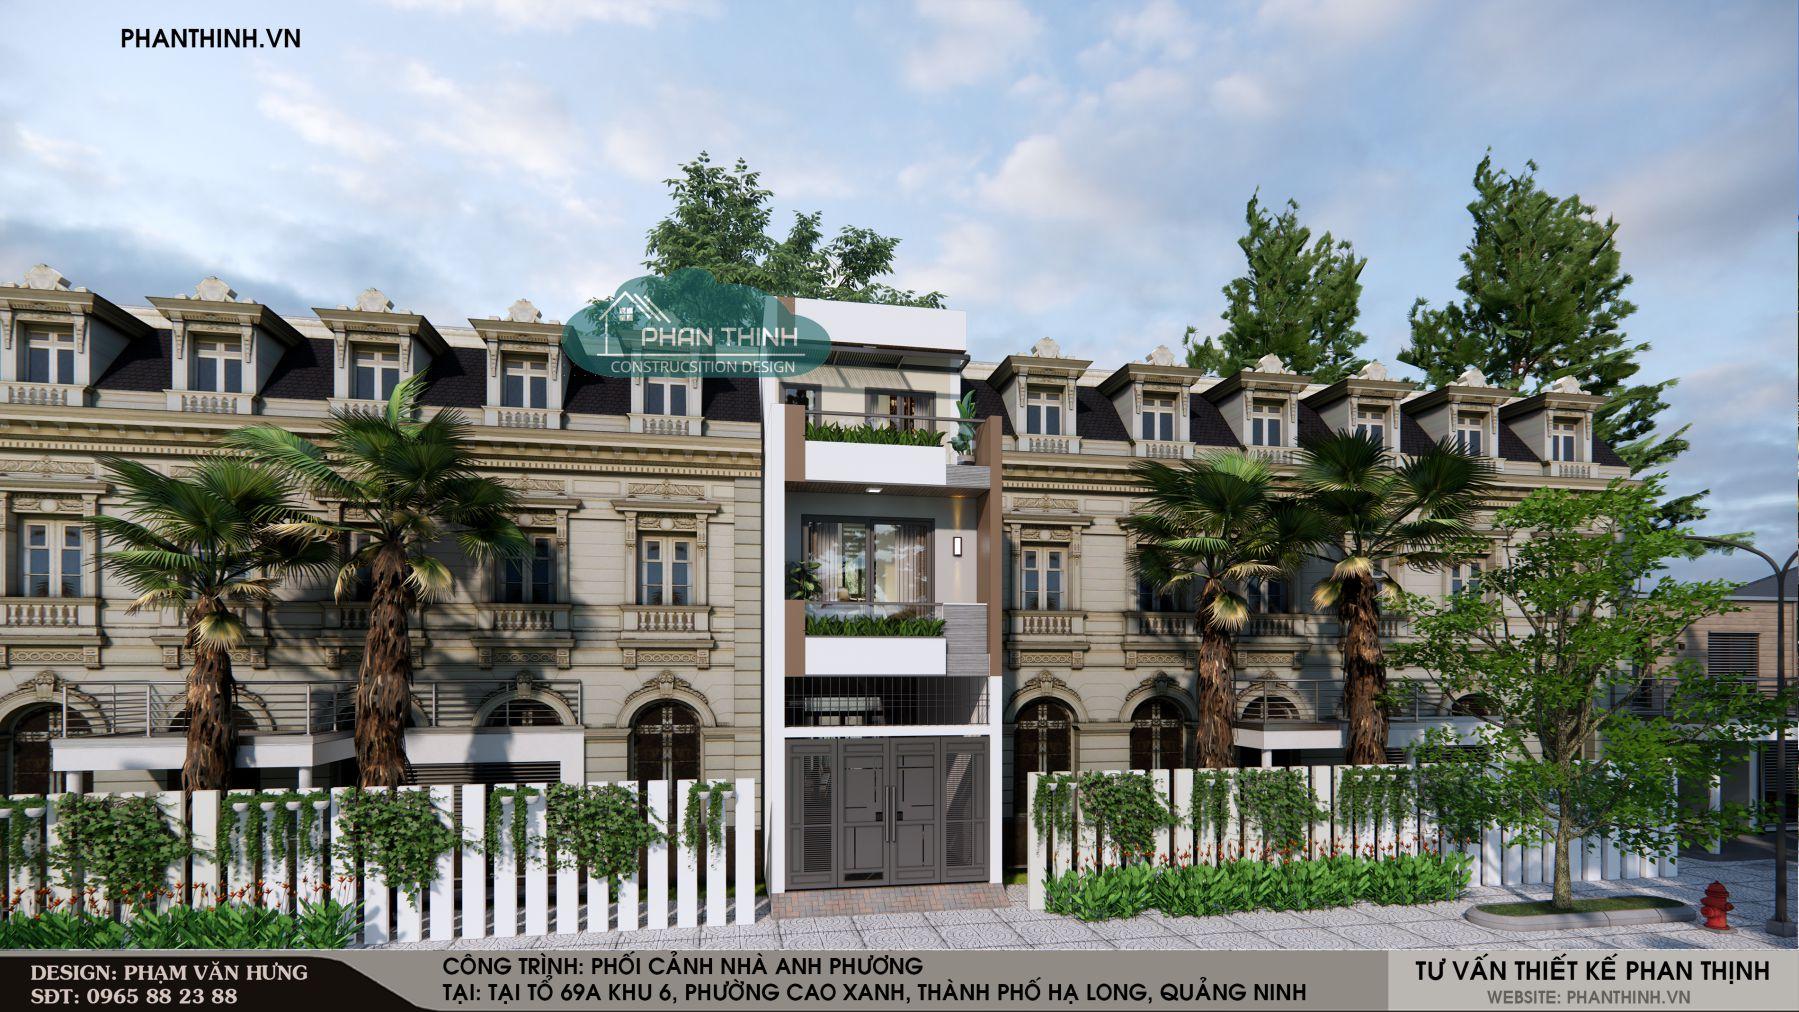 Thiết kế nhà đẹp 3 tầng ở Quảng Ninh